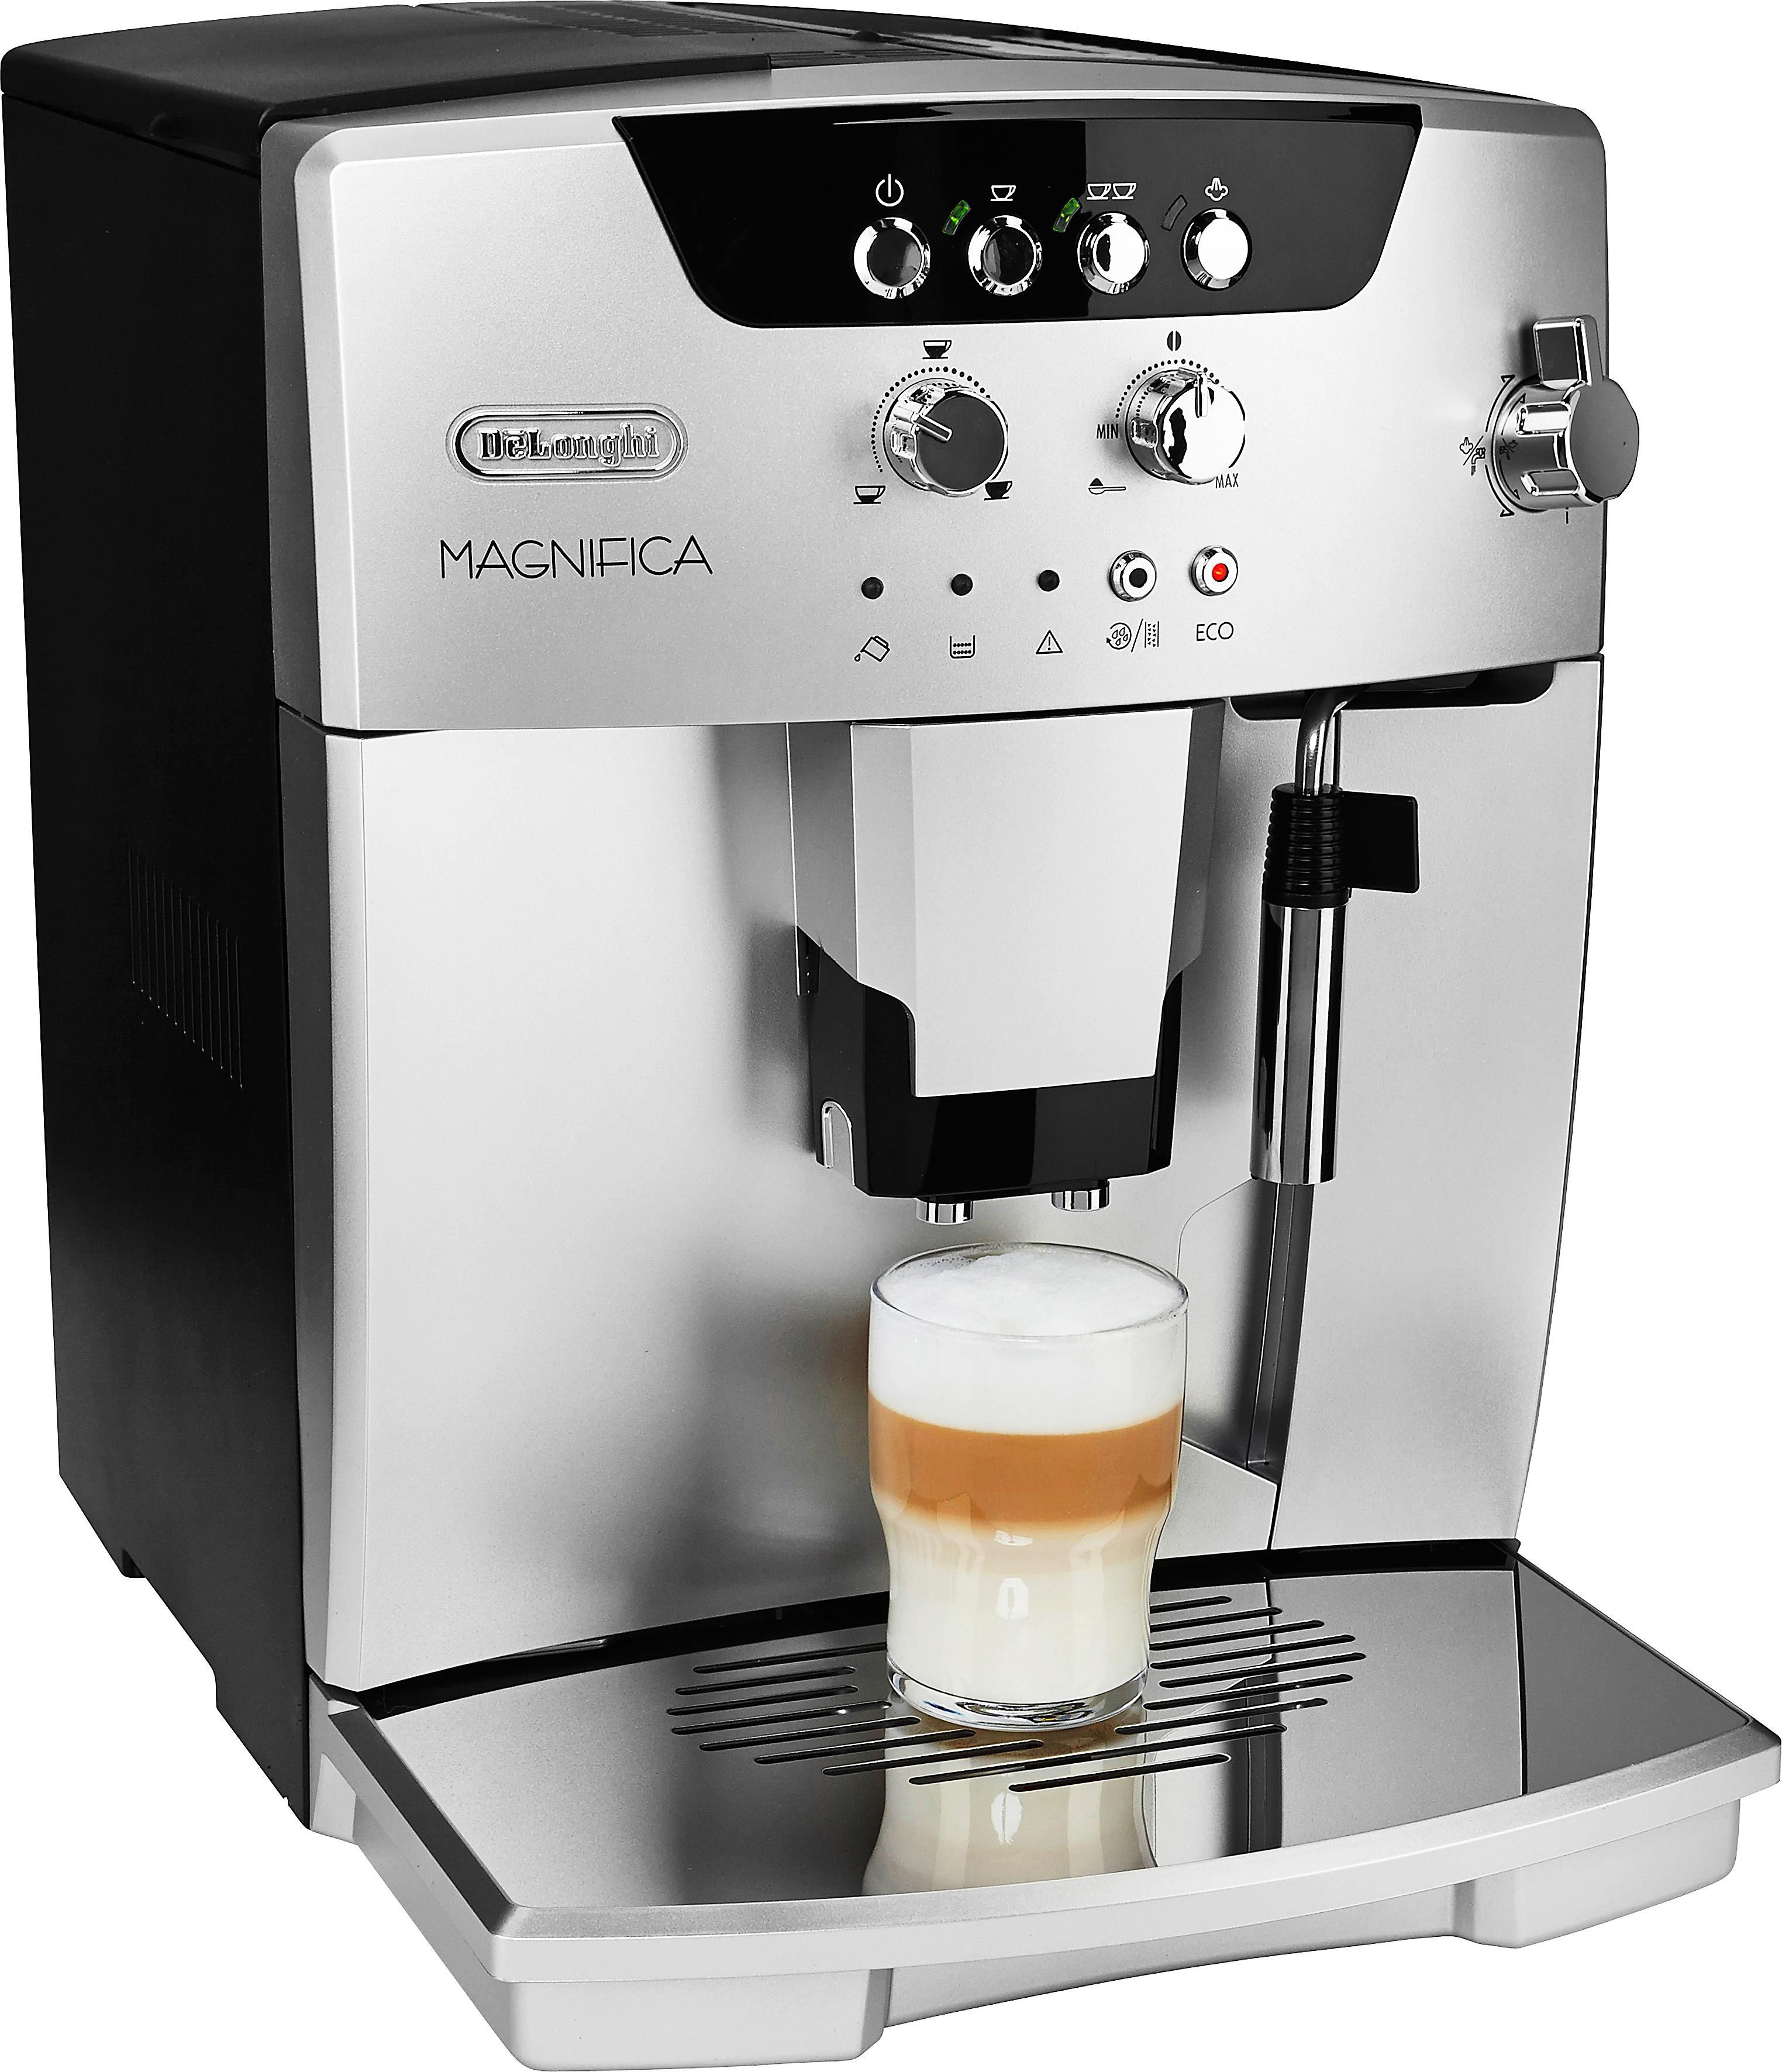 De'longhi Delonghi volautomatisch koffiezetapparaat Magnifica New Generation ESAM 04.110.S / 04.110.B nu online bestellen